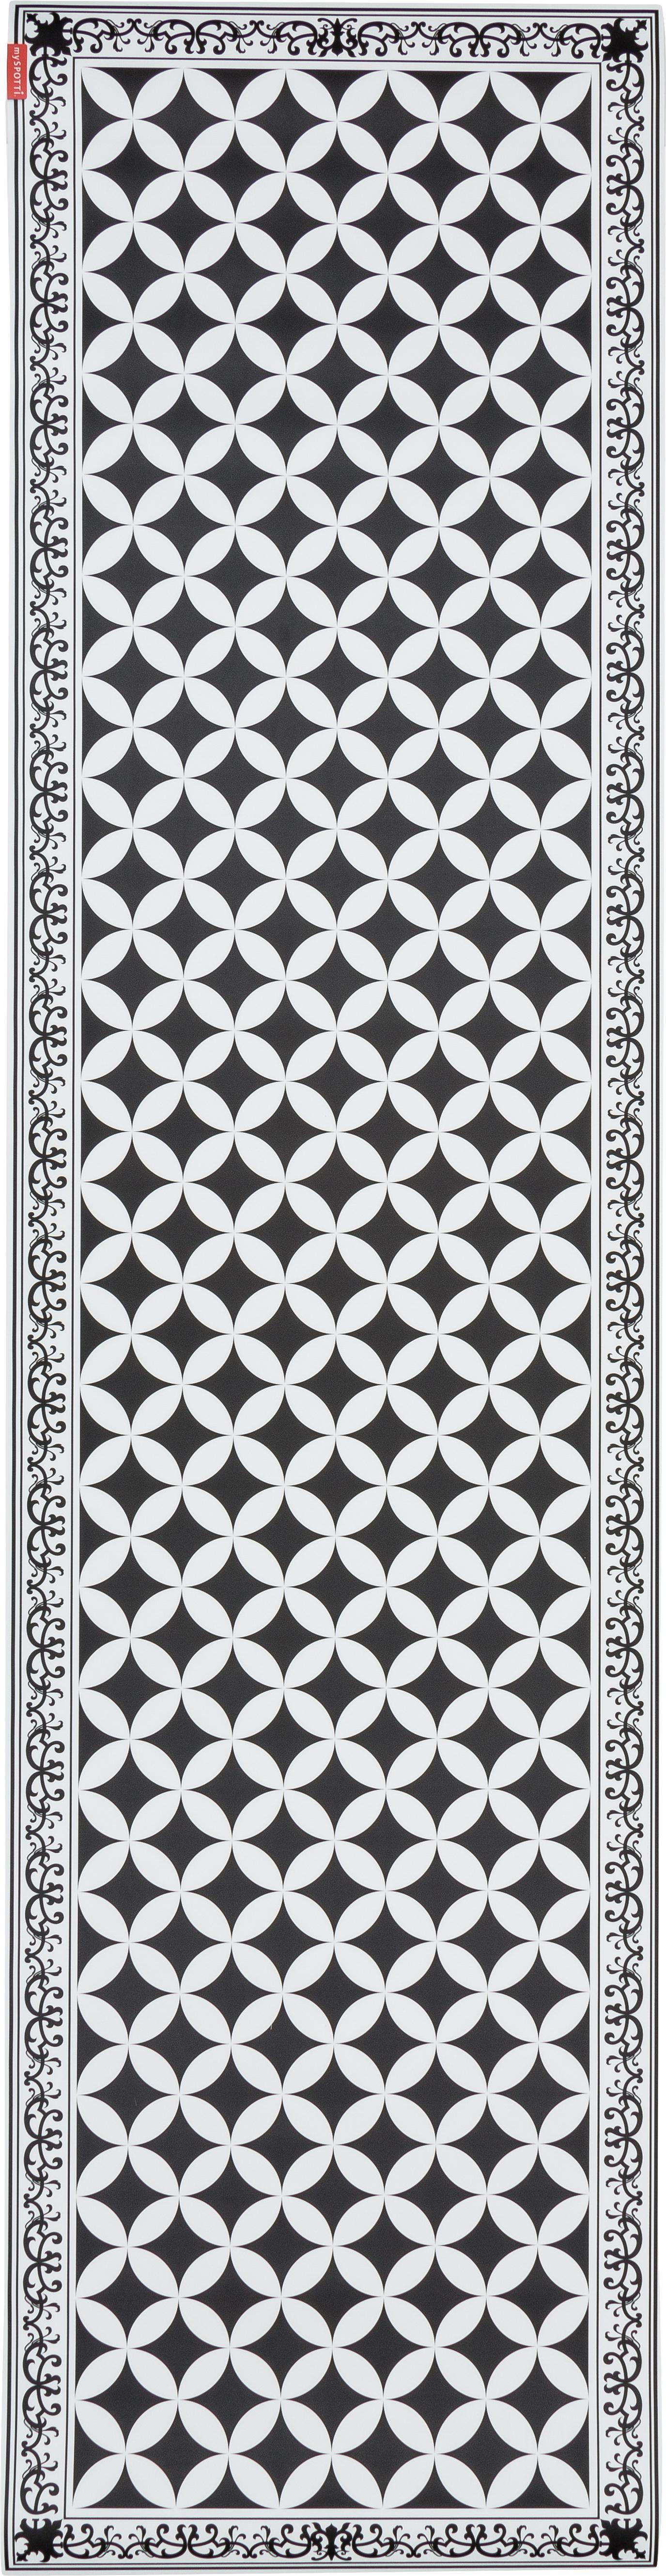 Vinyl-Bodenmatte Chadi, Vinyl, Schwarz, Weiß, 65 x 255 cm